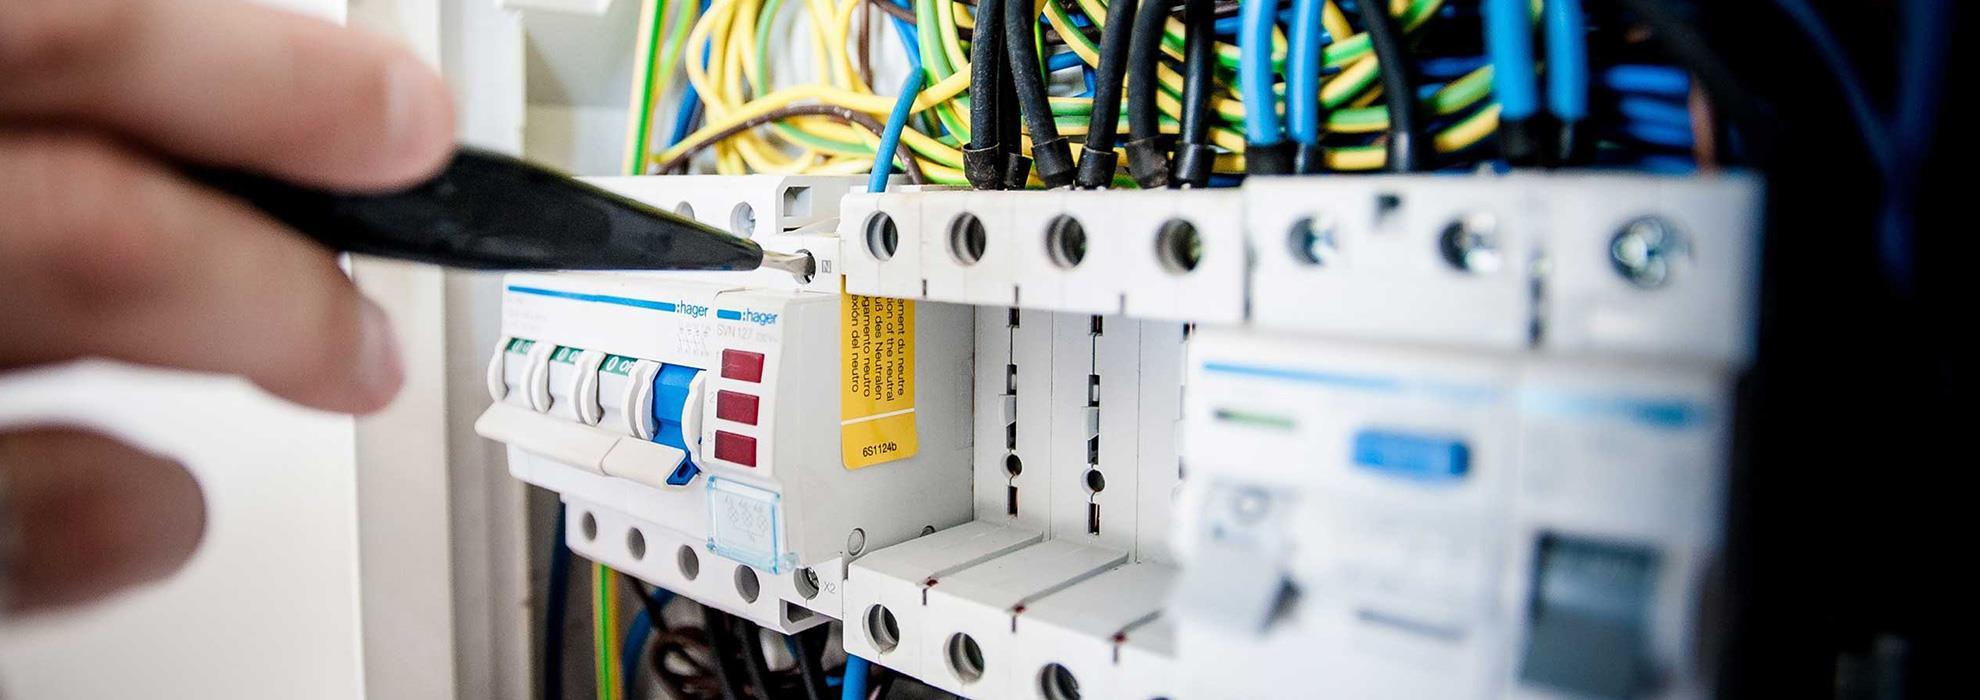 أنت بحاجة إلى كهربائي ذو خبرة يمكنه إصلاح جميع الأعطال الكهربائية بتكلفة رخيصة وبشكل صحيح